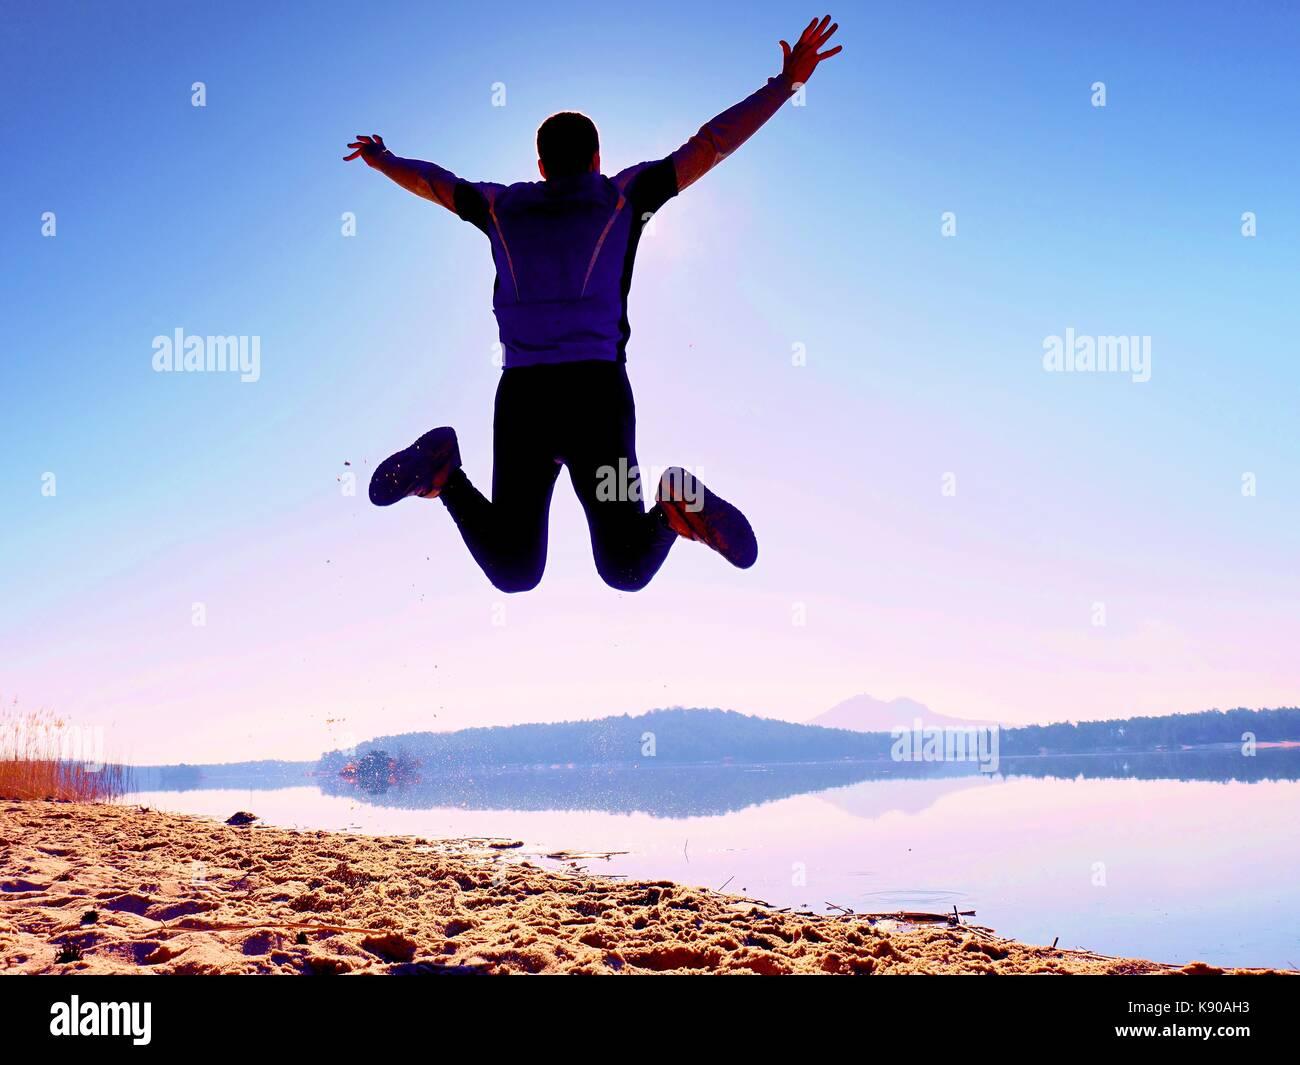 Uomo pazzo salto sulla spiaggia. sportsman battenti sulla spiaggia durante l'incredibile sunrise oltre l'orizzonte Immagini Stock